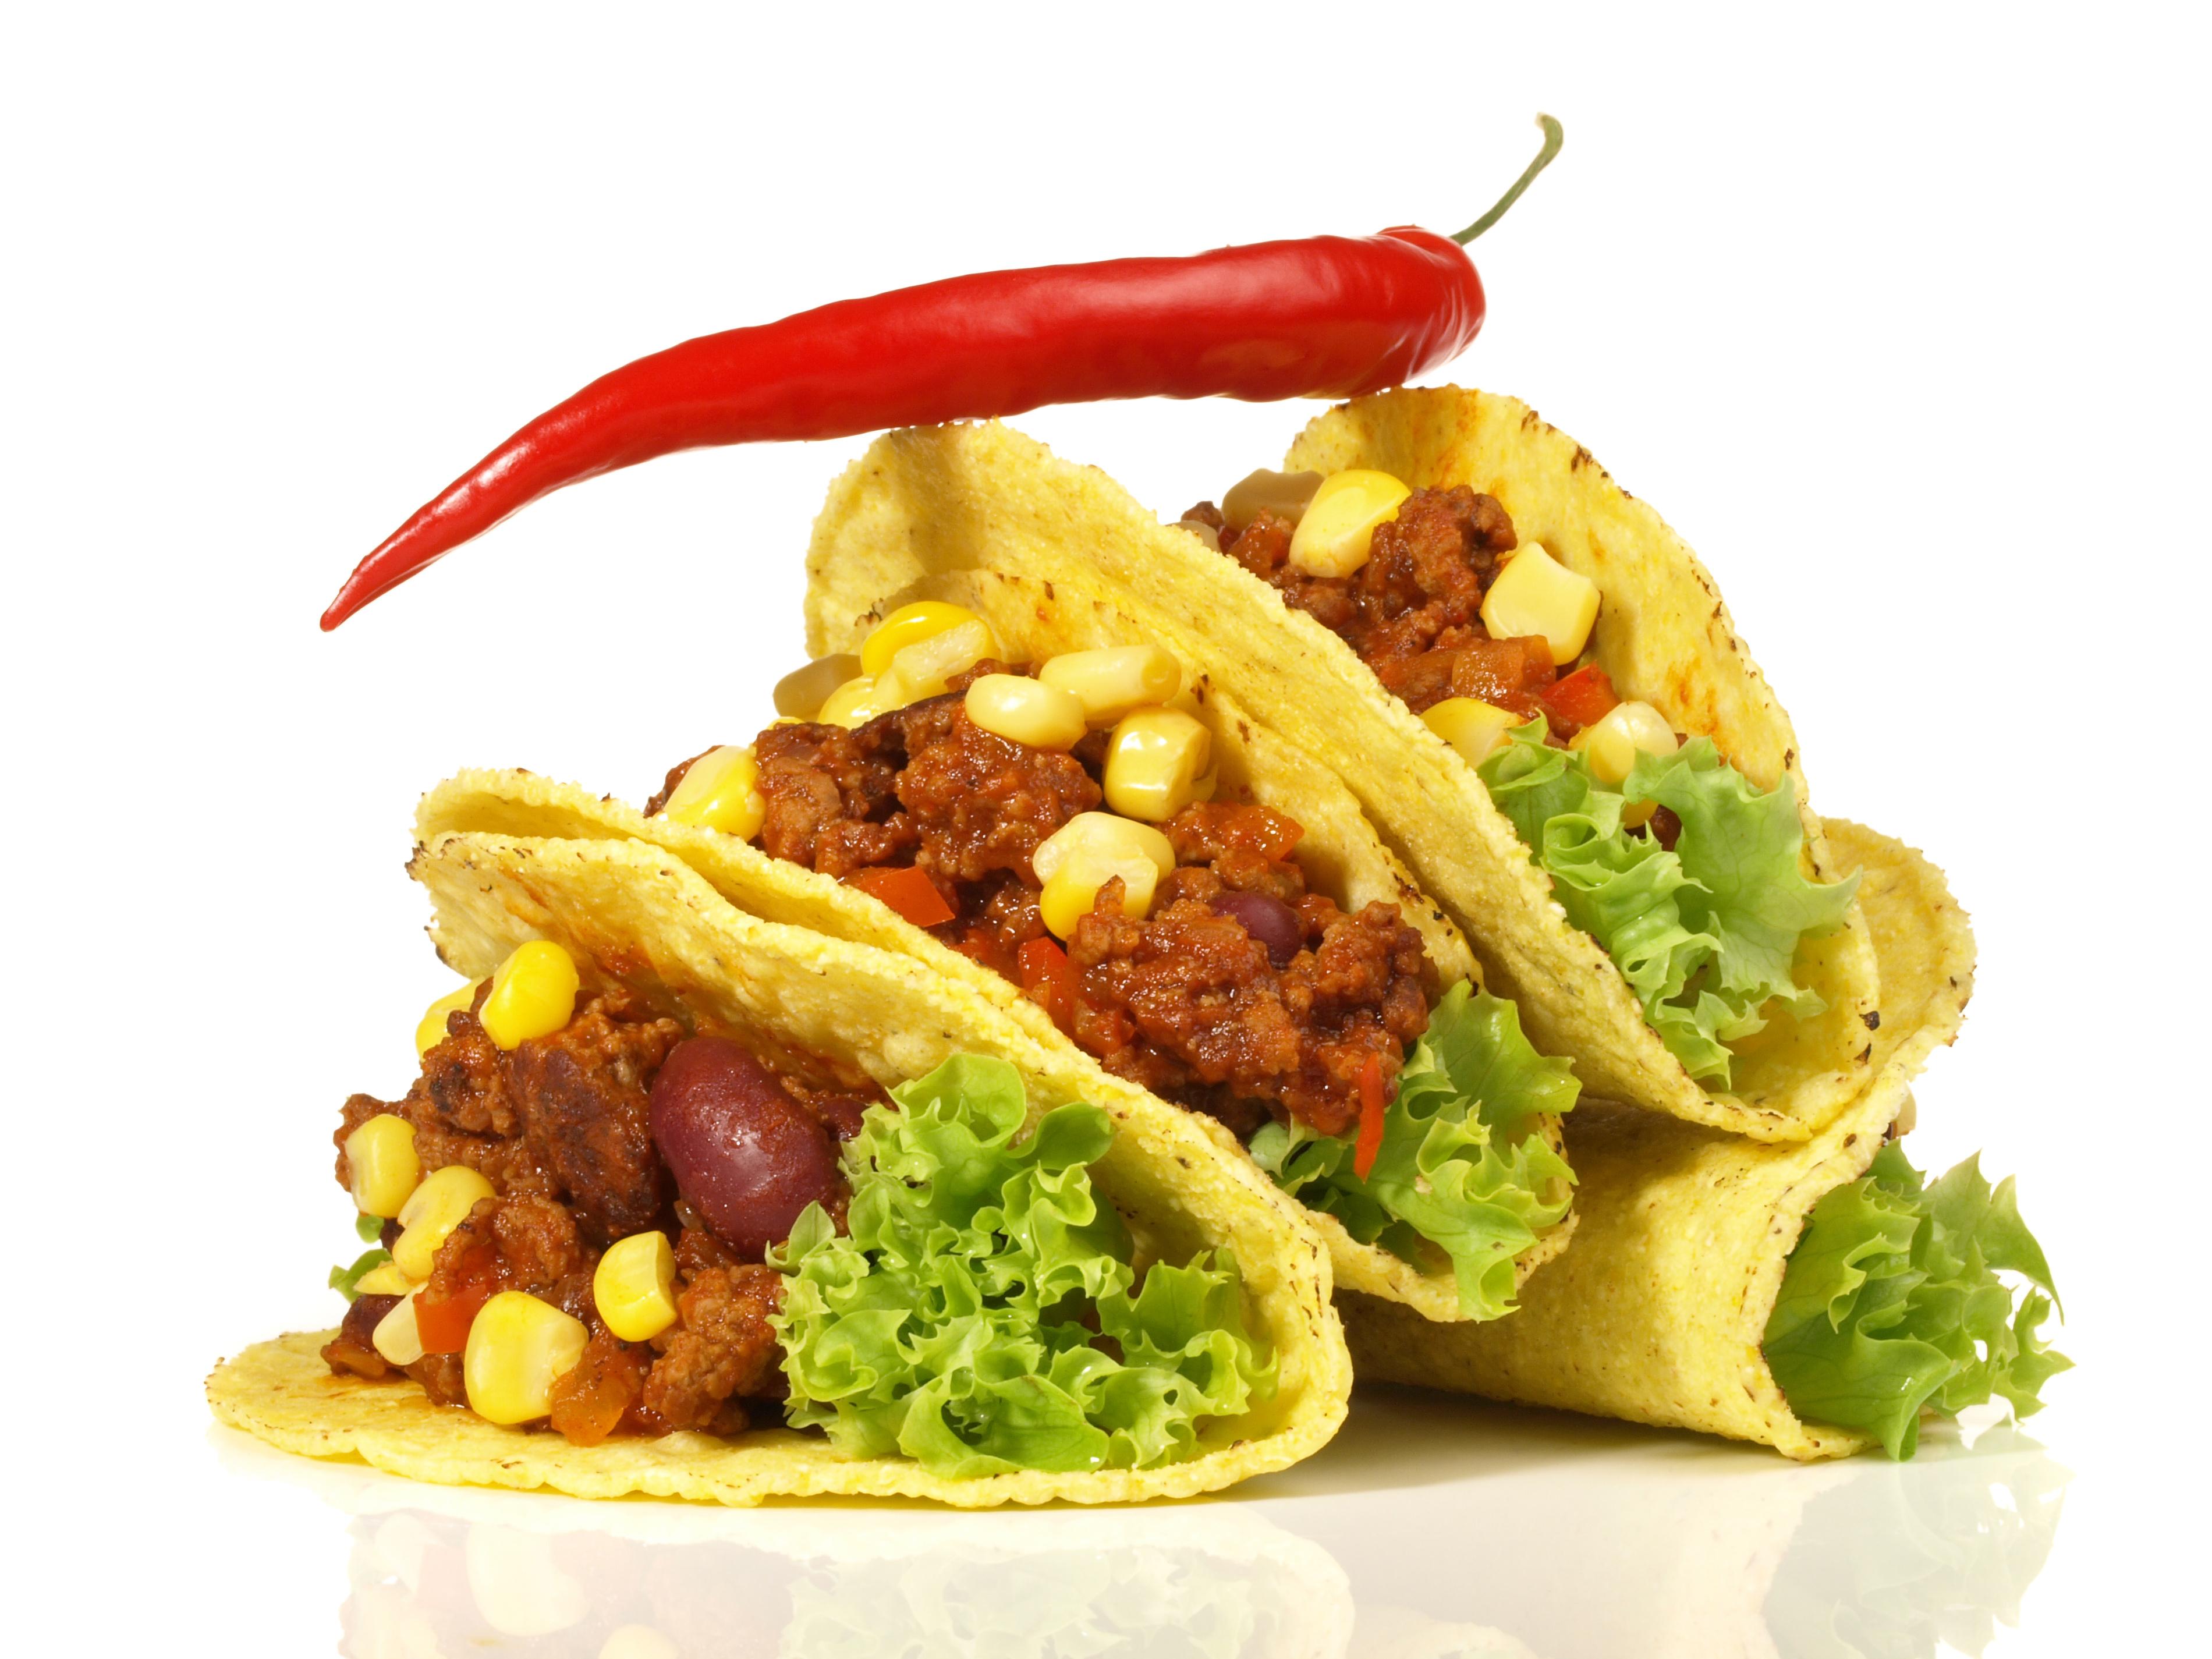 Taccos mit Chili con Carne